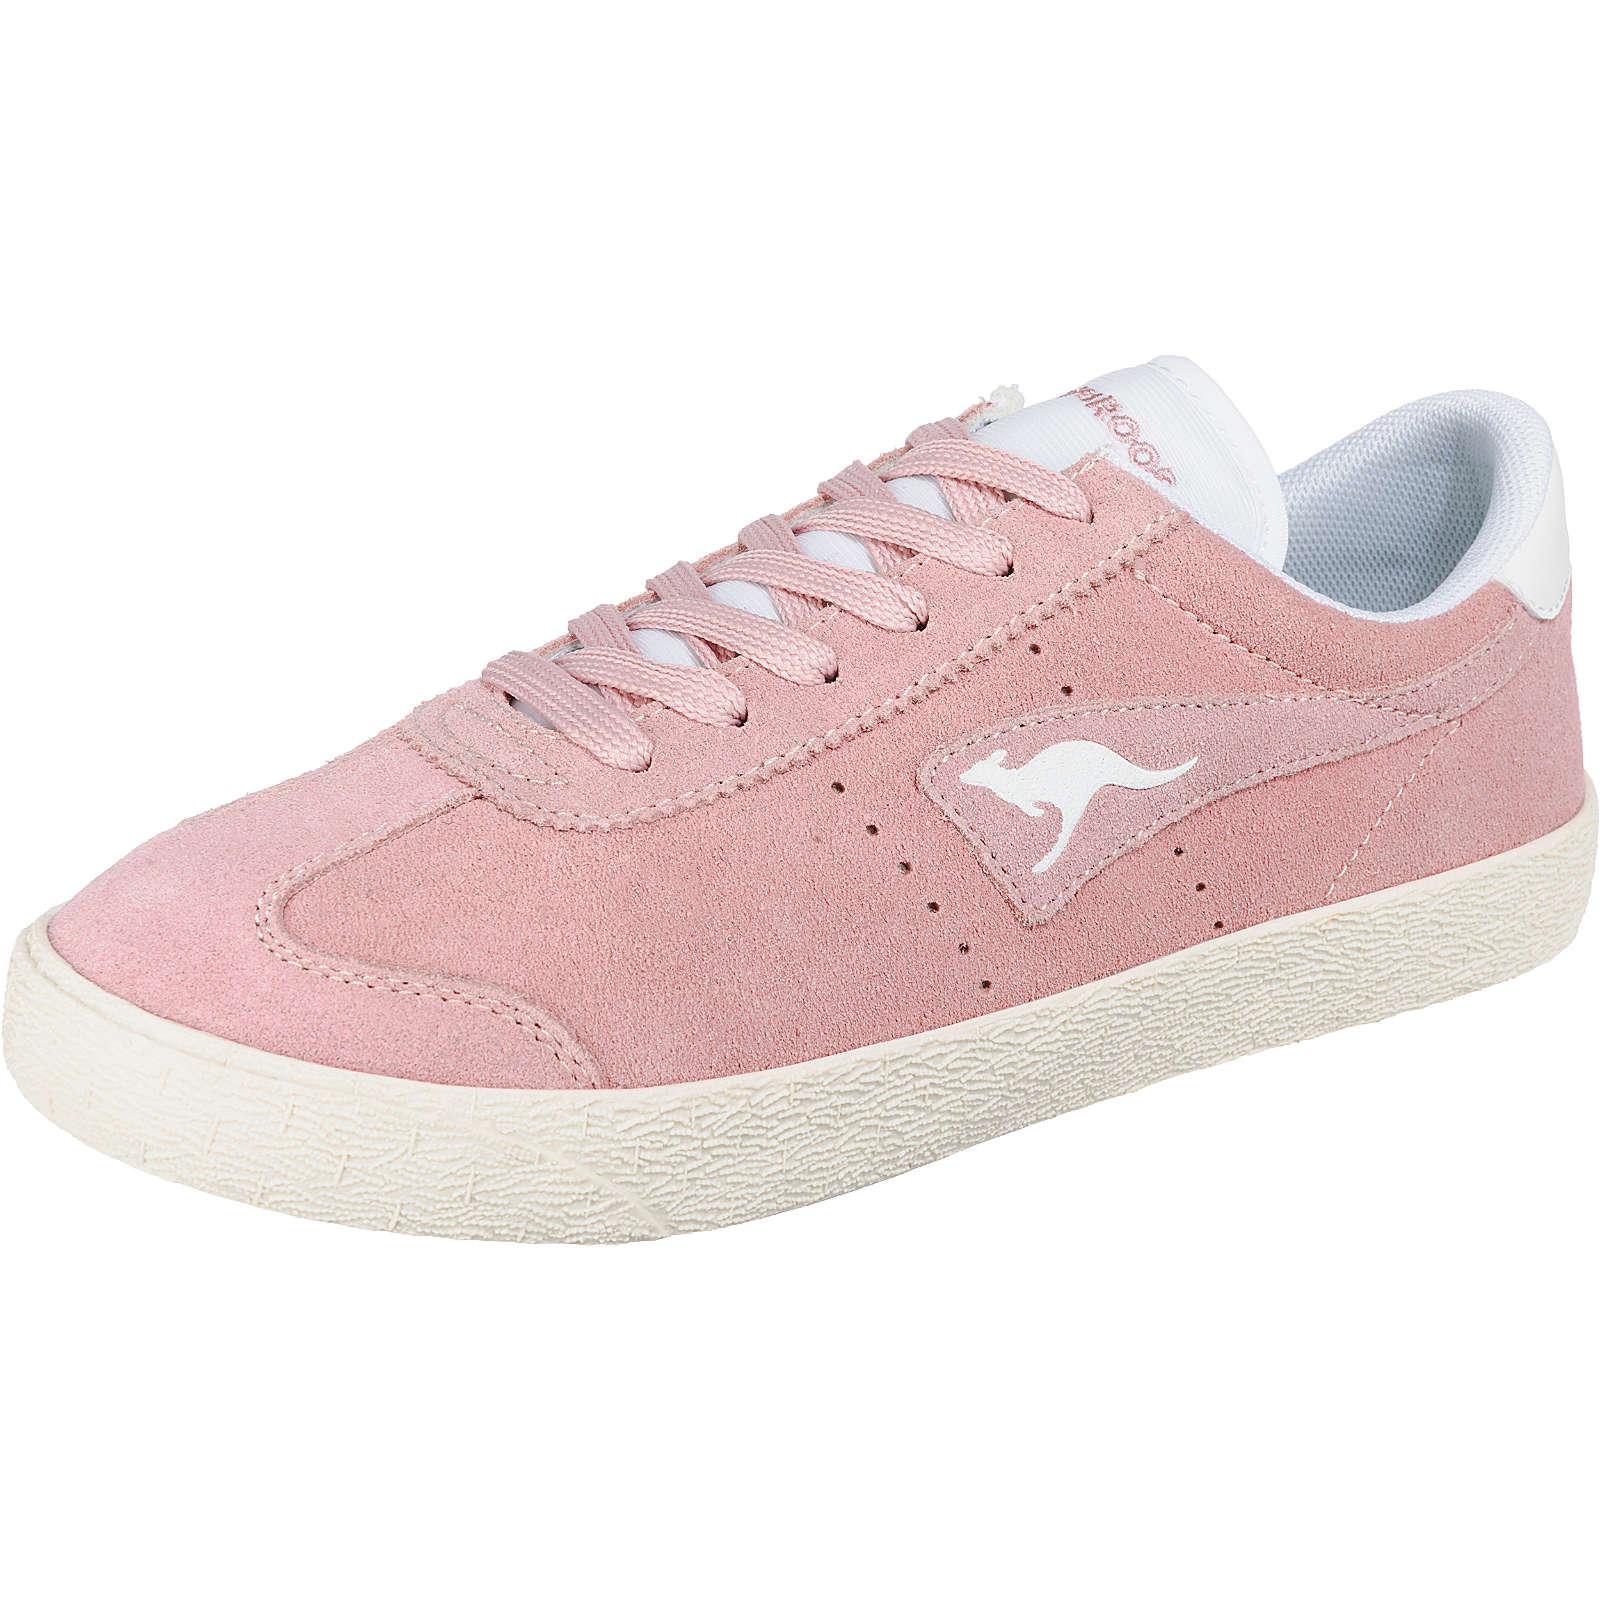 KangaROOS Chako Sneakers Low rosa/natur Damen Gr. 36